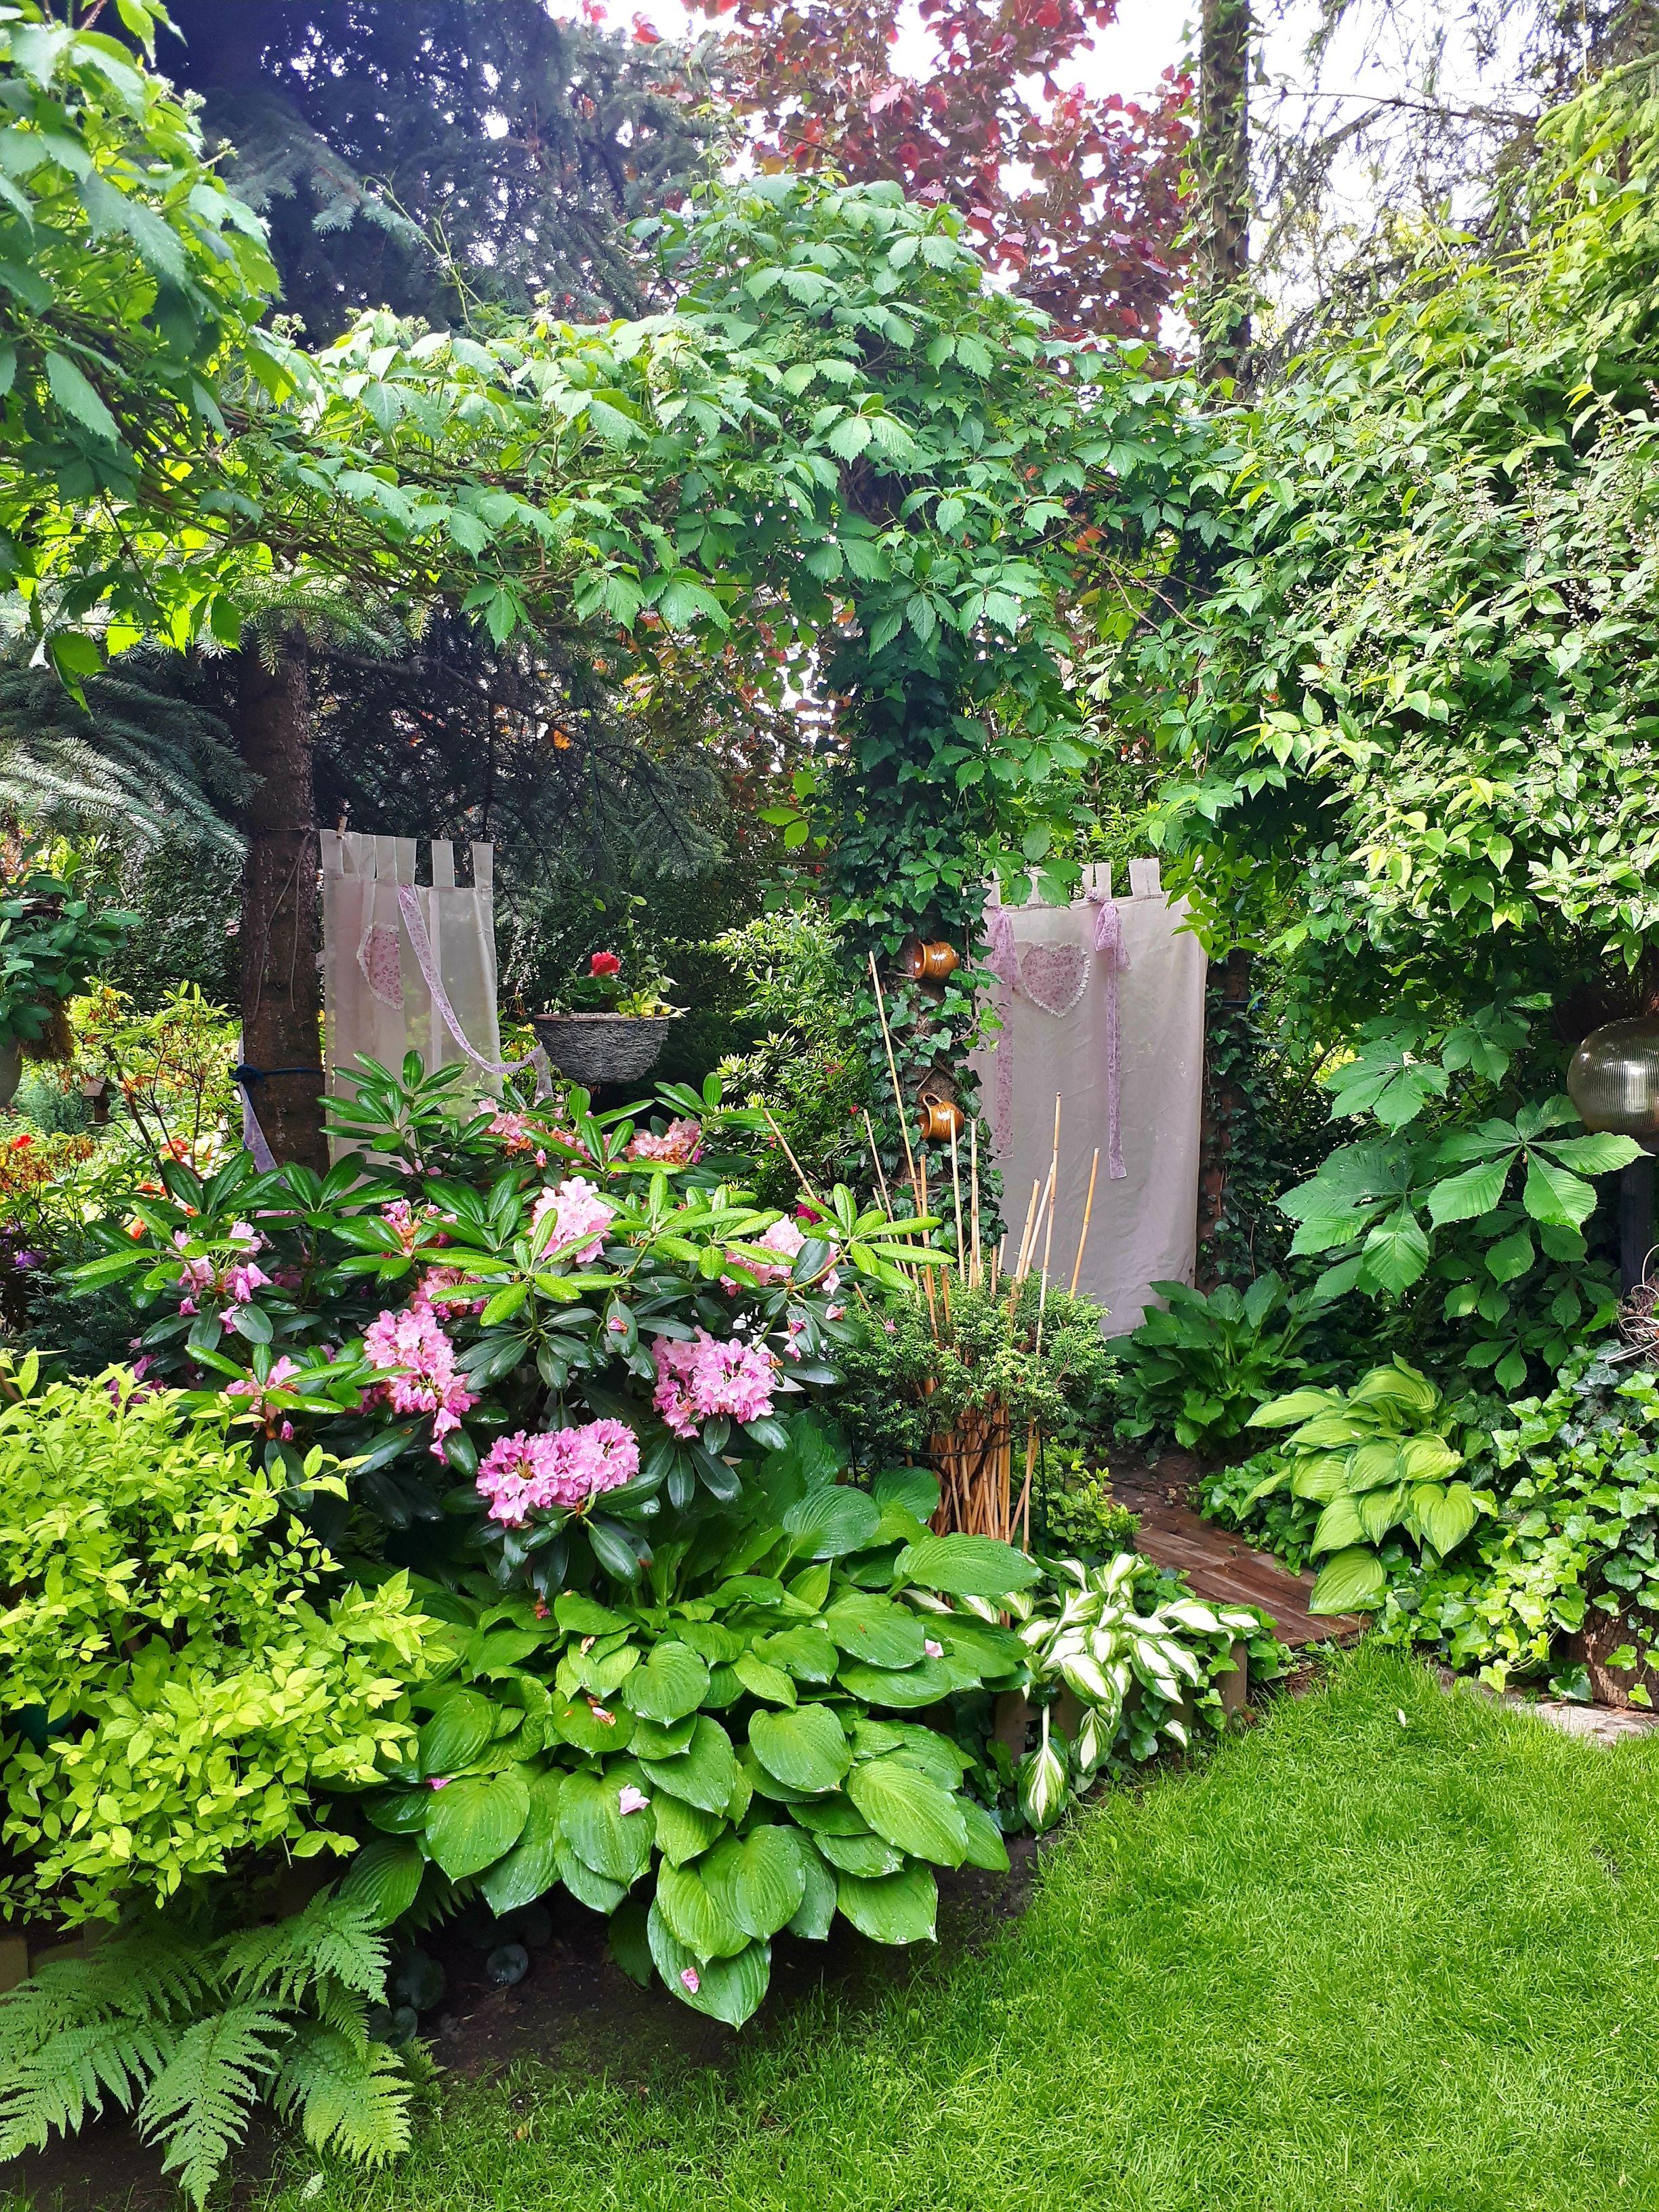 Piekny Nieco Tajemniczy Zakatek W Ogrodzie Fot Teresa Pluta Prawa Autorskie Do Zdjec Twojogrodek Pl Beautiful Gardens Garden Arch Garden